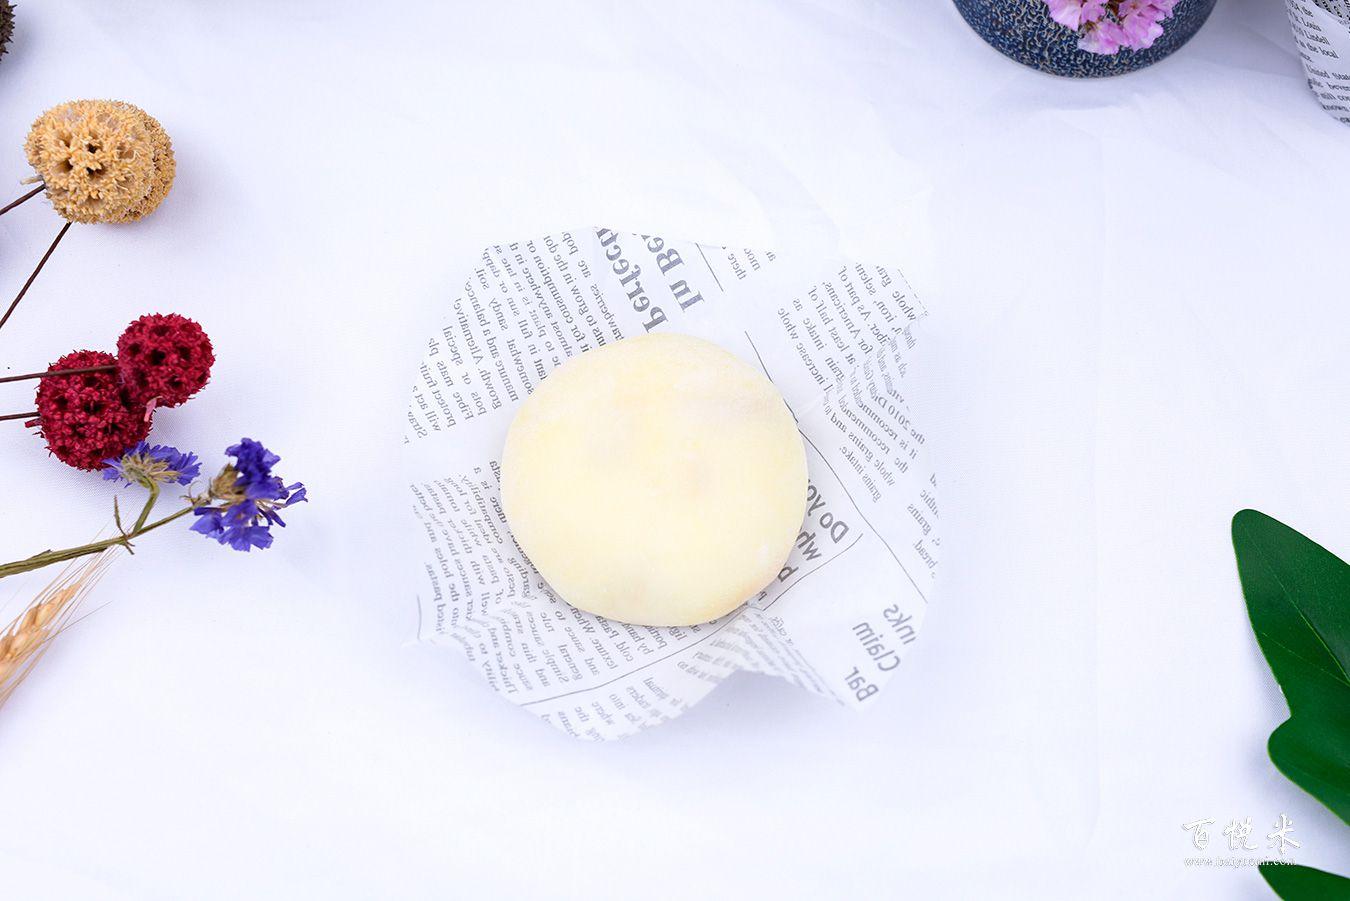 芒果大福甜品高清图片大全【蛋糕图片】_659